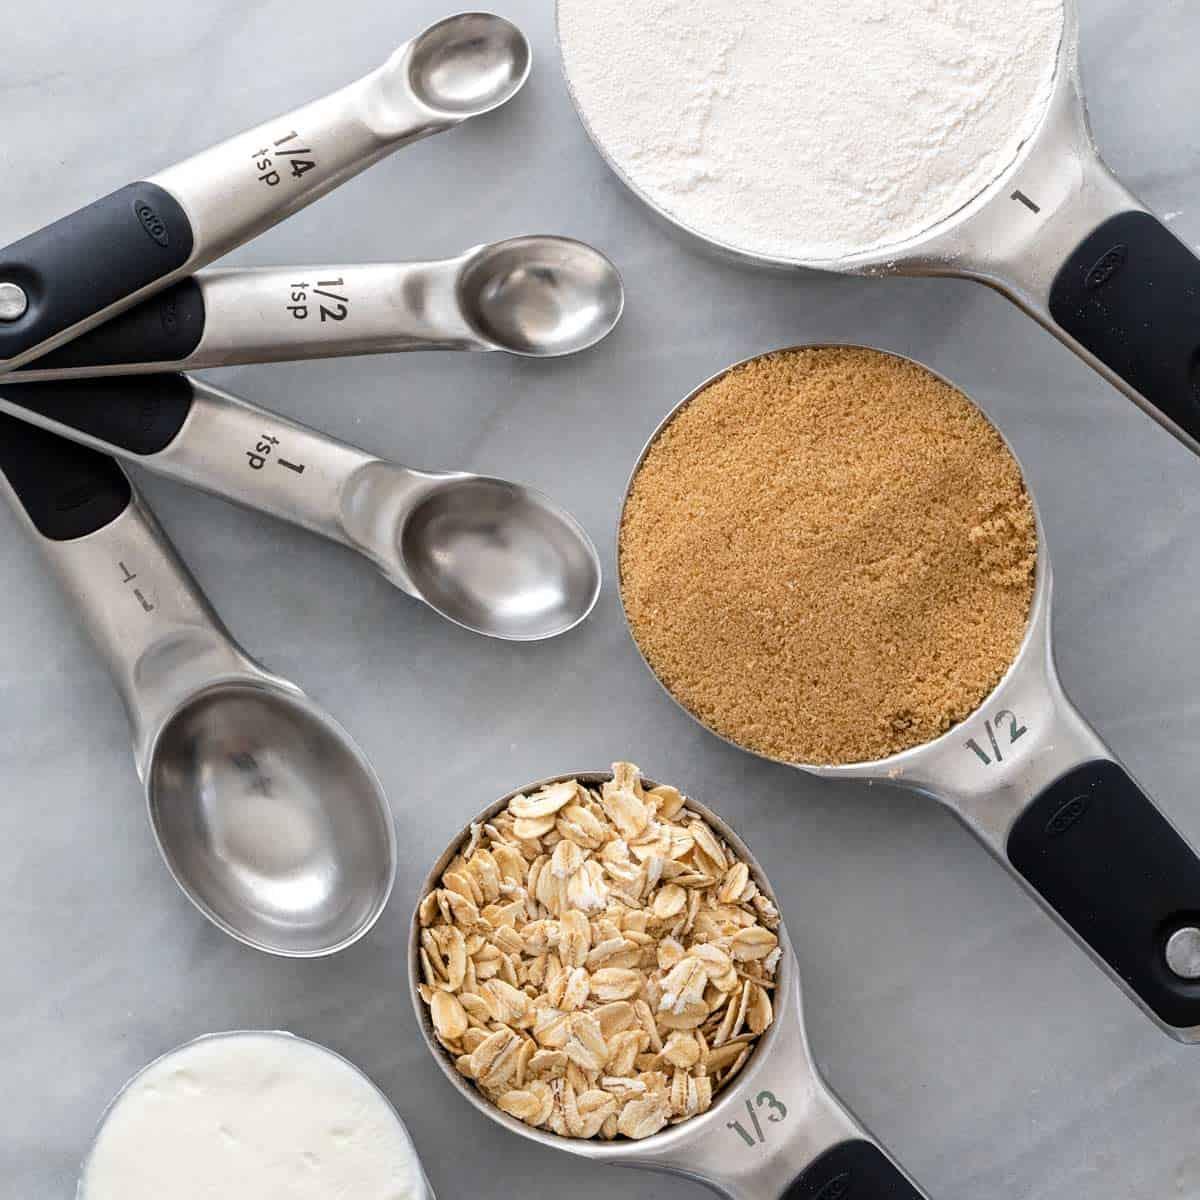 آموزش جدول اندازه گیری پیمانه ها به گرم در شیرینی پزی